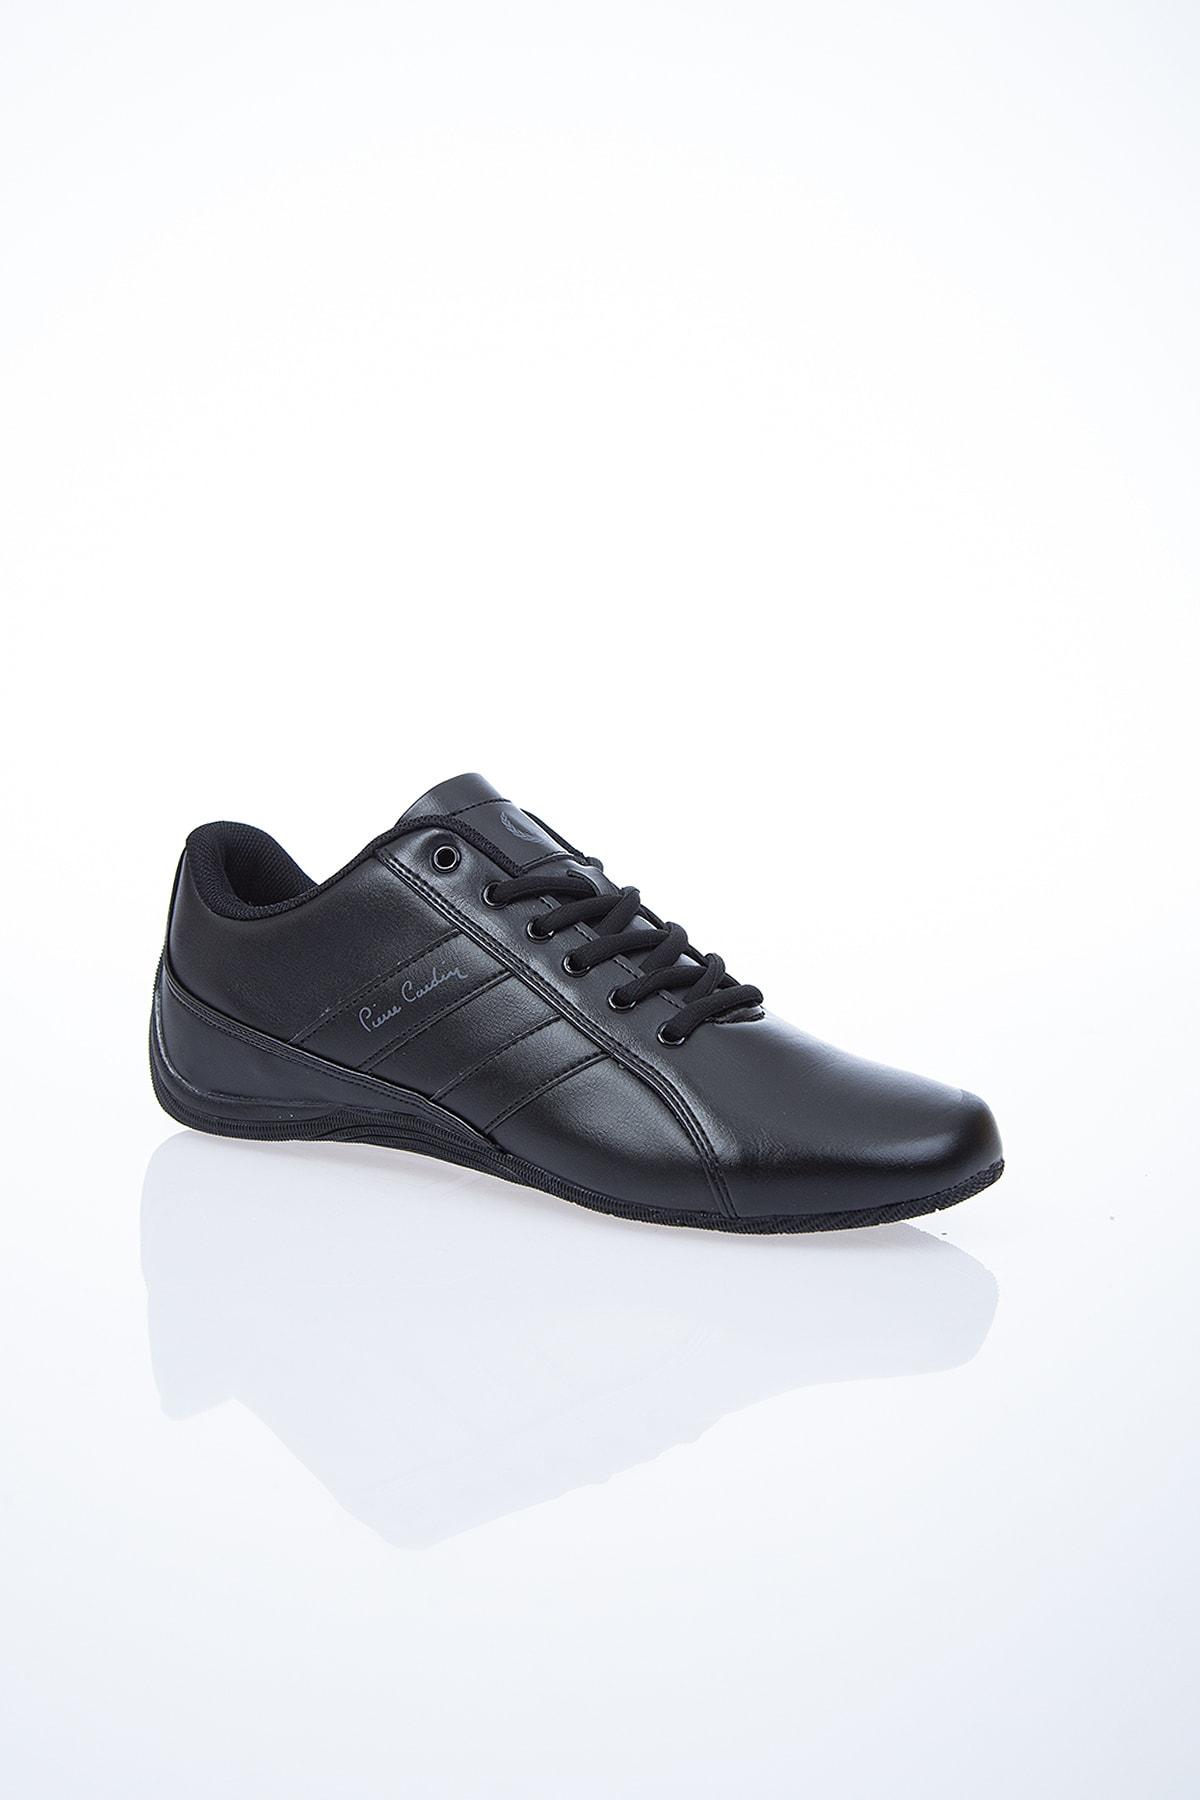 Pierre Cardin PC-30490 Siyah Erkek Spor Ayakkabı 2